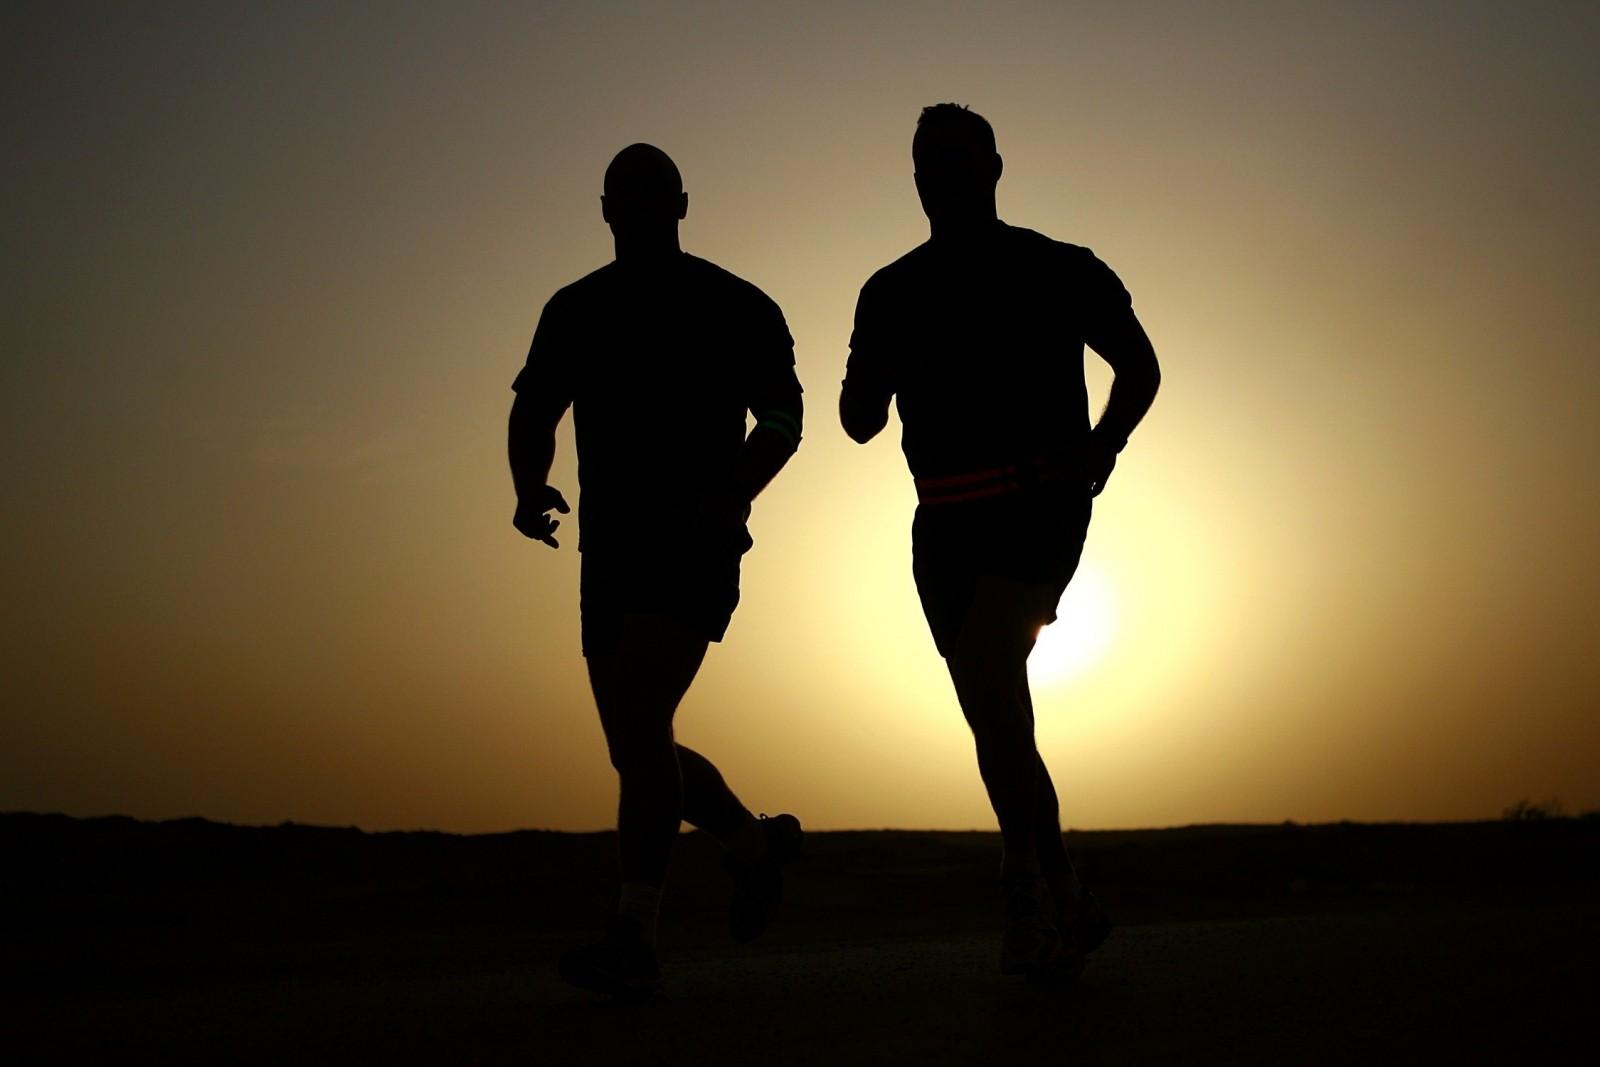 Alugue um personal trainer neste novo Booking do exercício físico